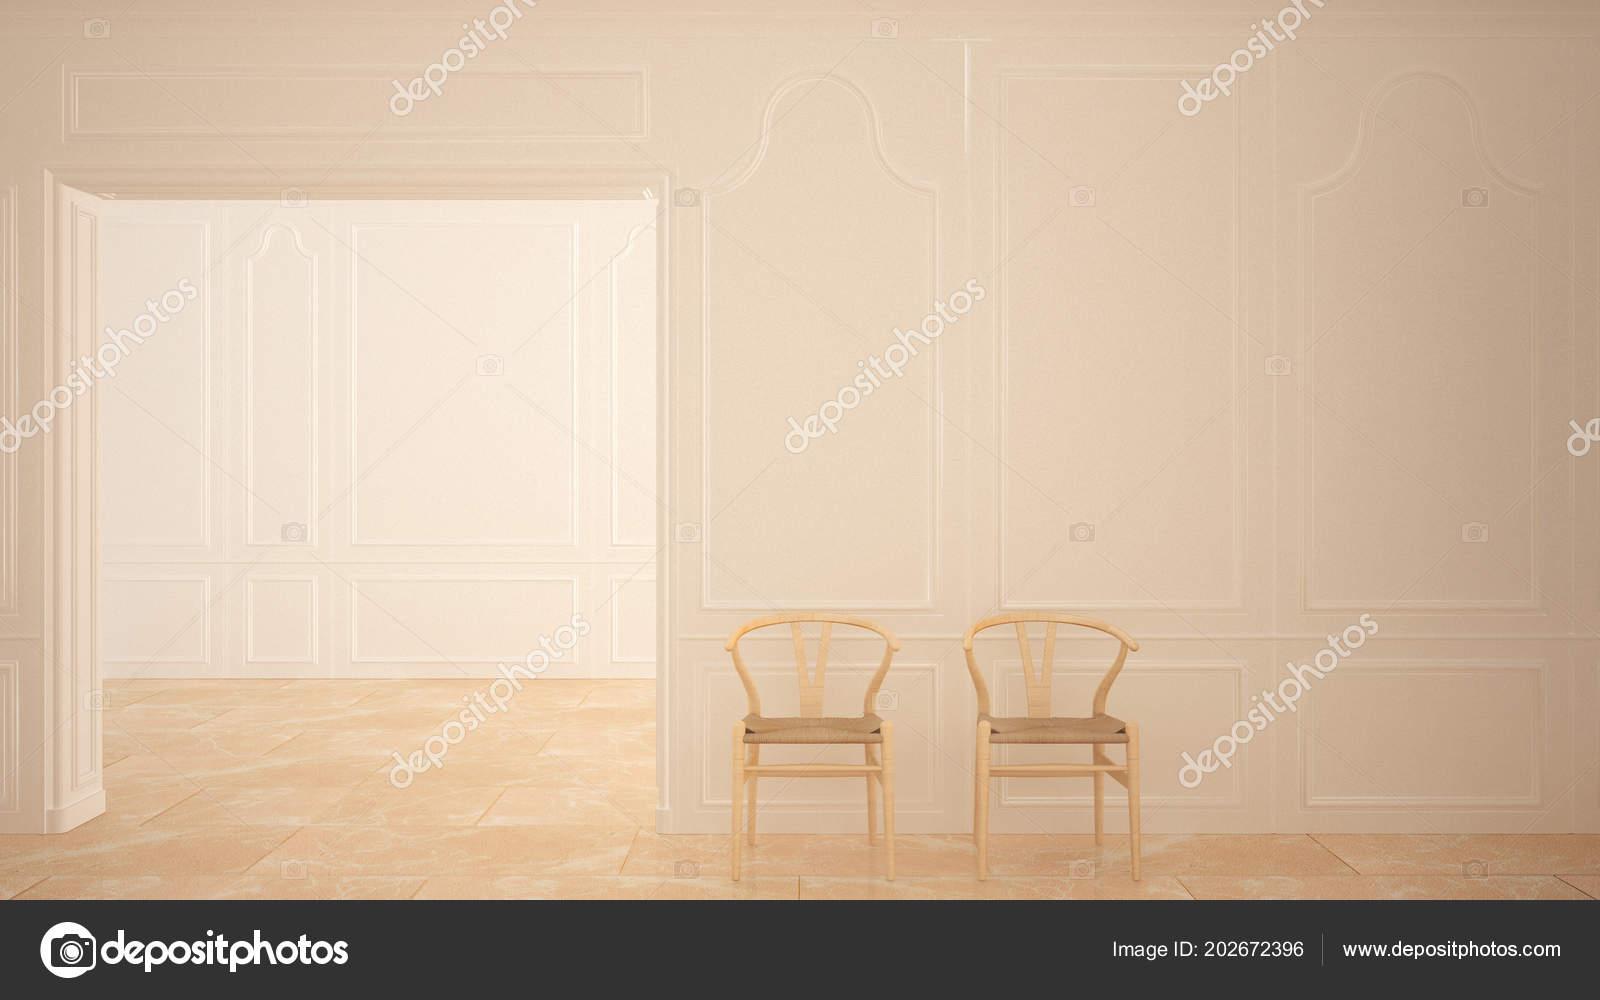 Interiores Madera Suelo Diseño Sillas Habitación Vacía Con Mármol 3L54ARj